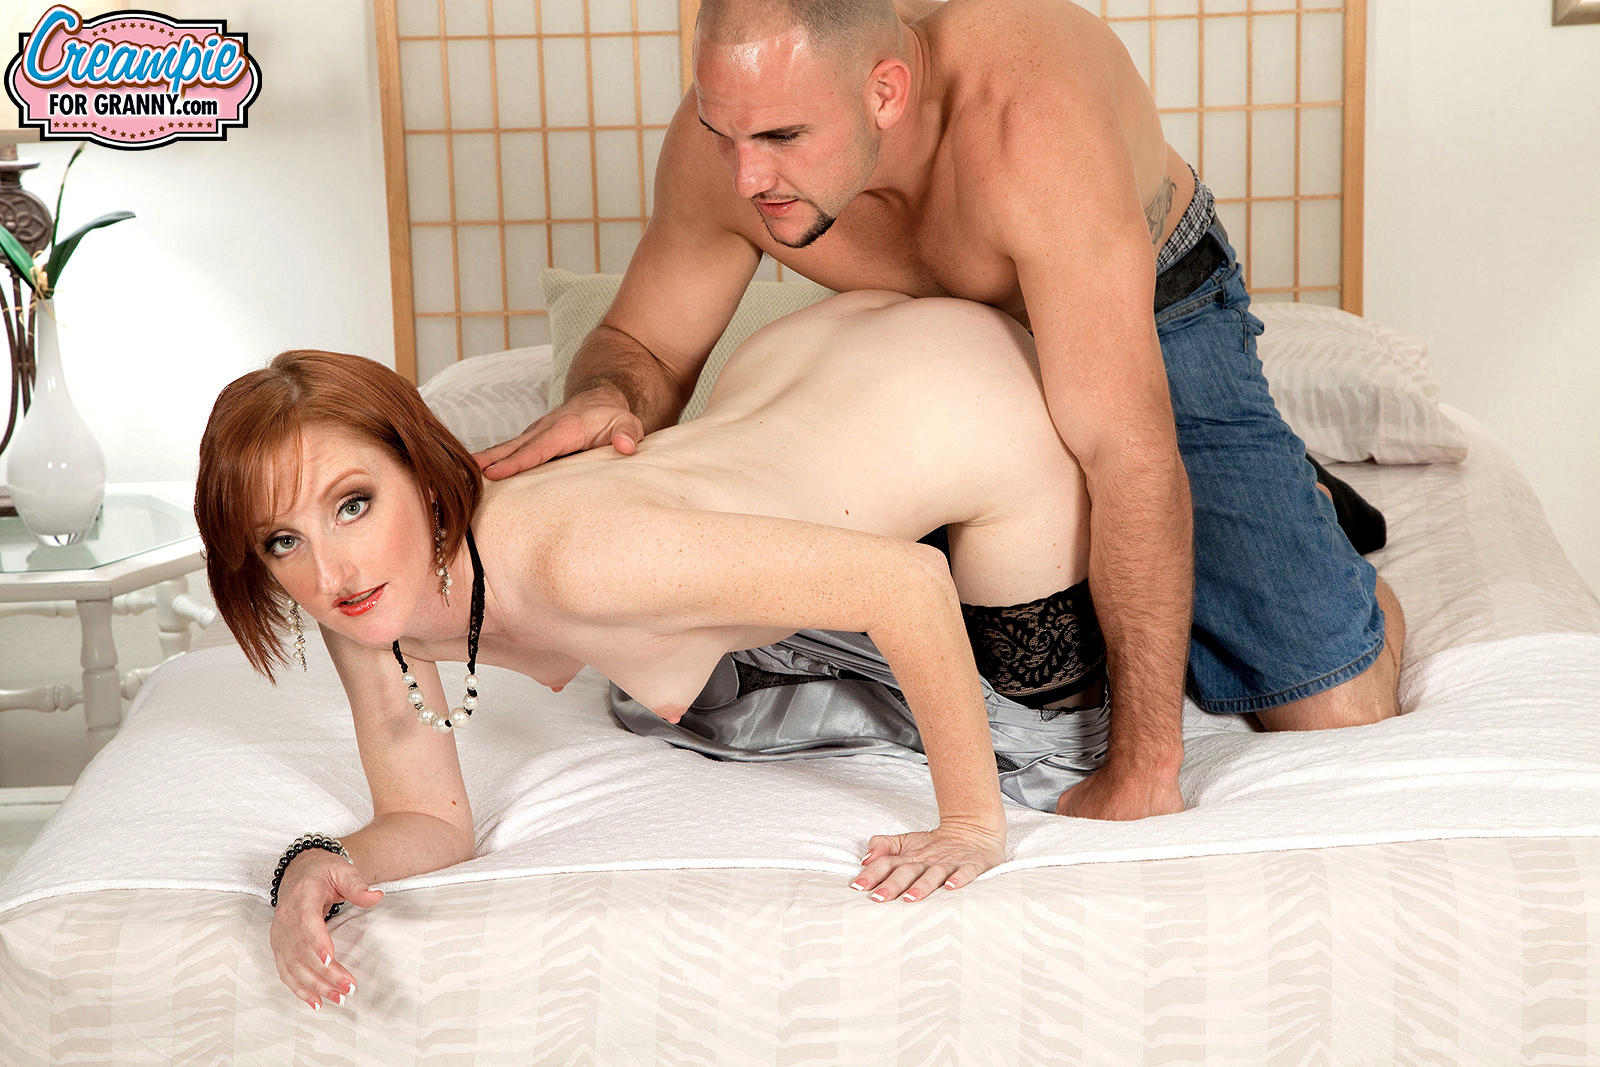 Layla Redd Porn Star - 08